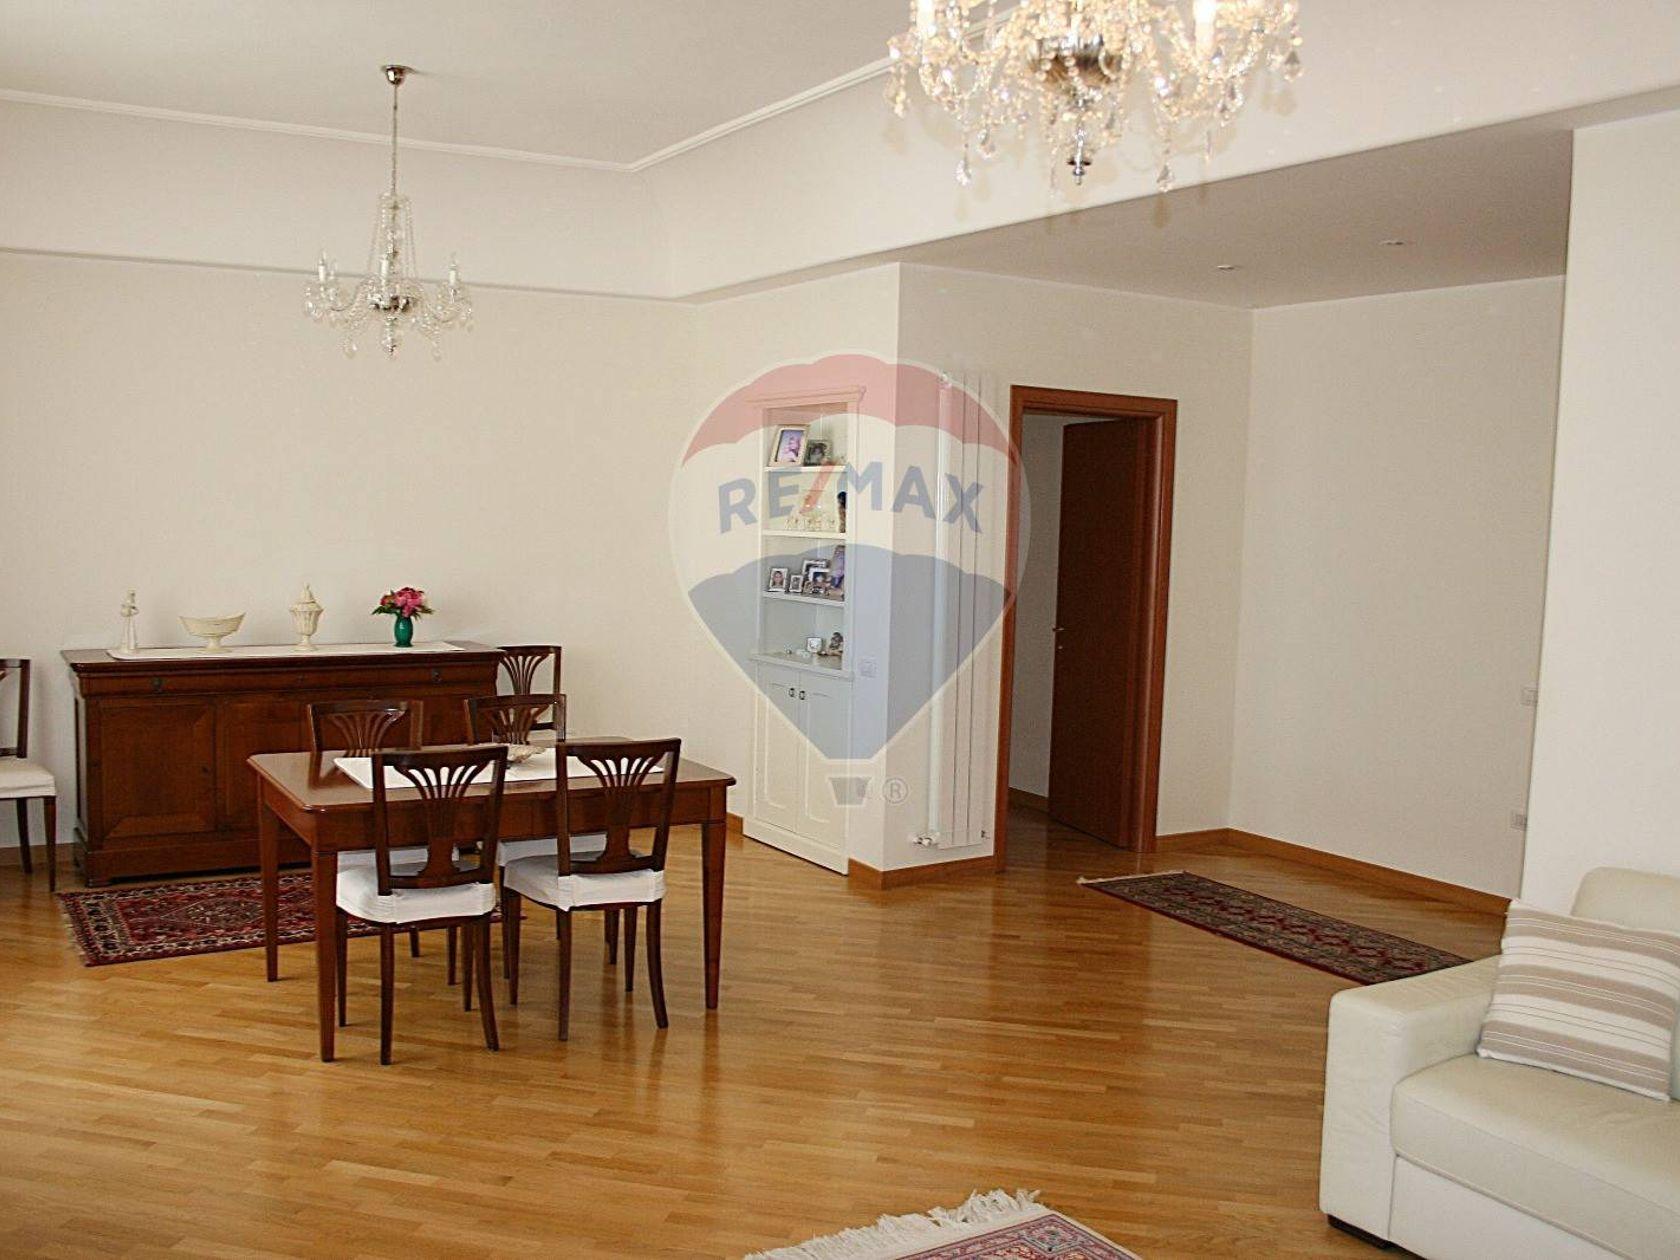 Appartamento San Benedetto, Cagliari, CA Vendita - Foto 2